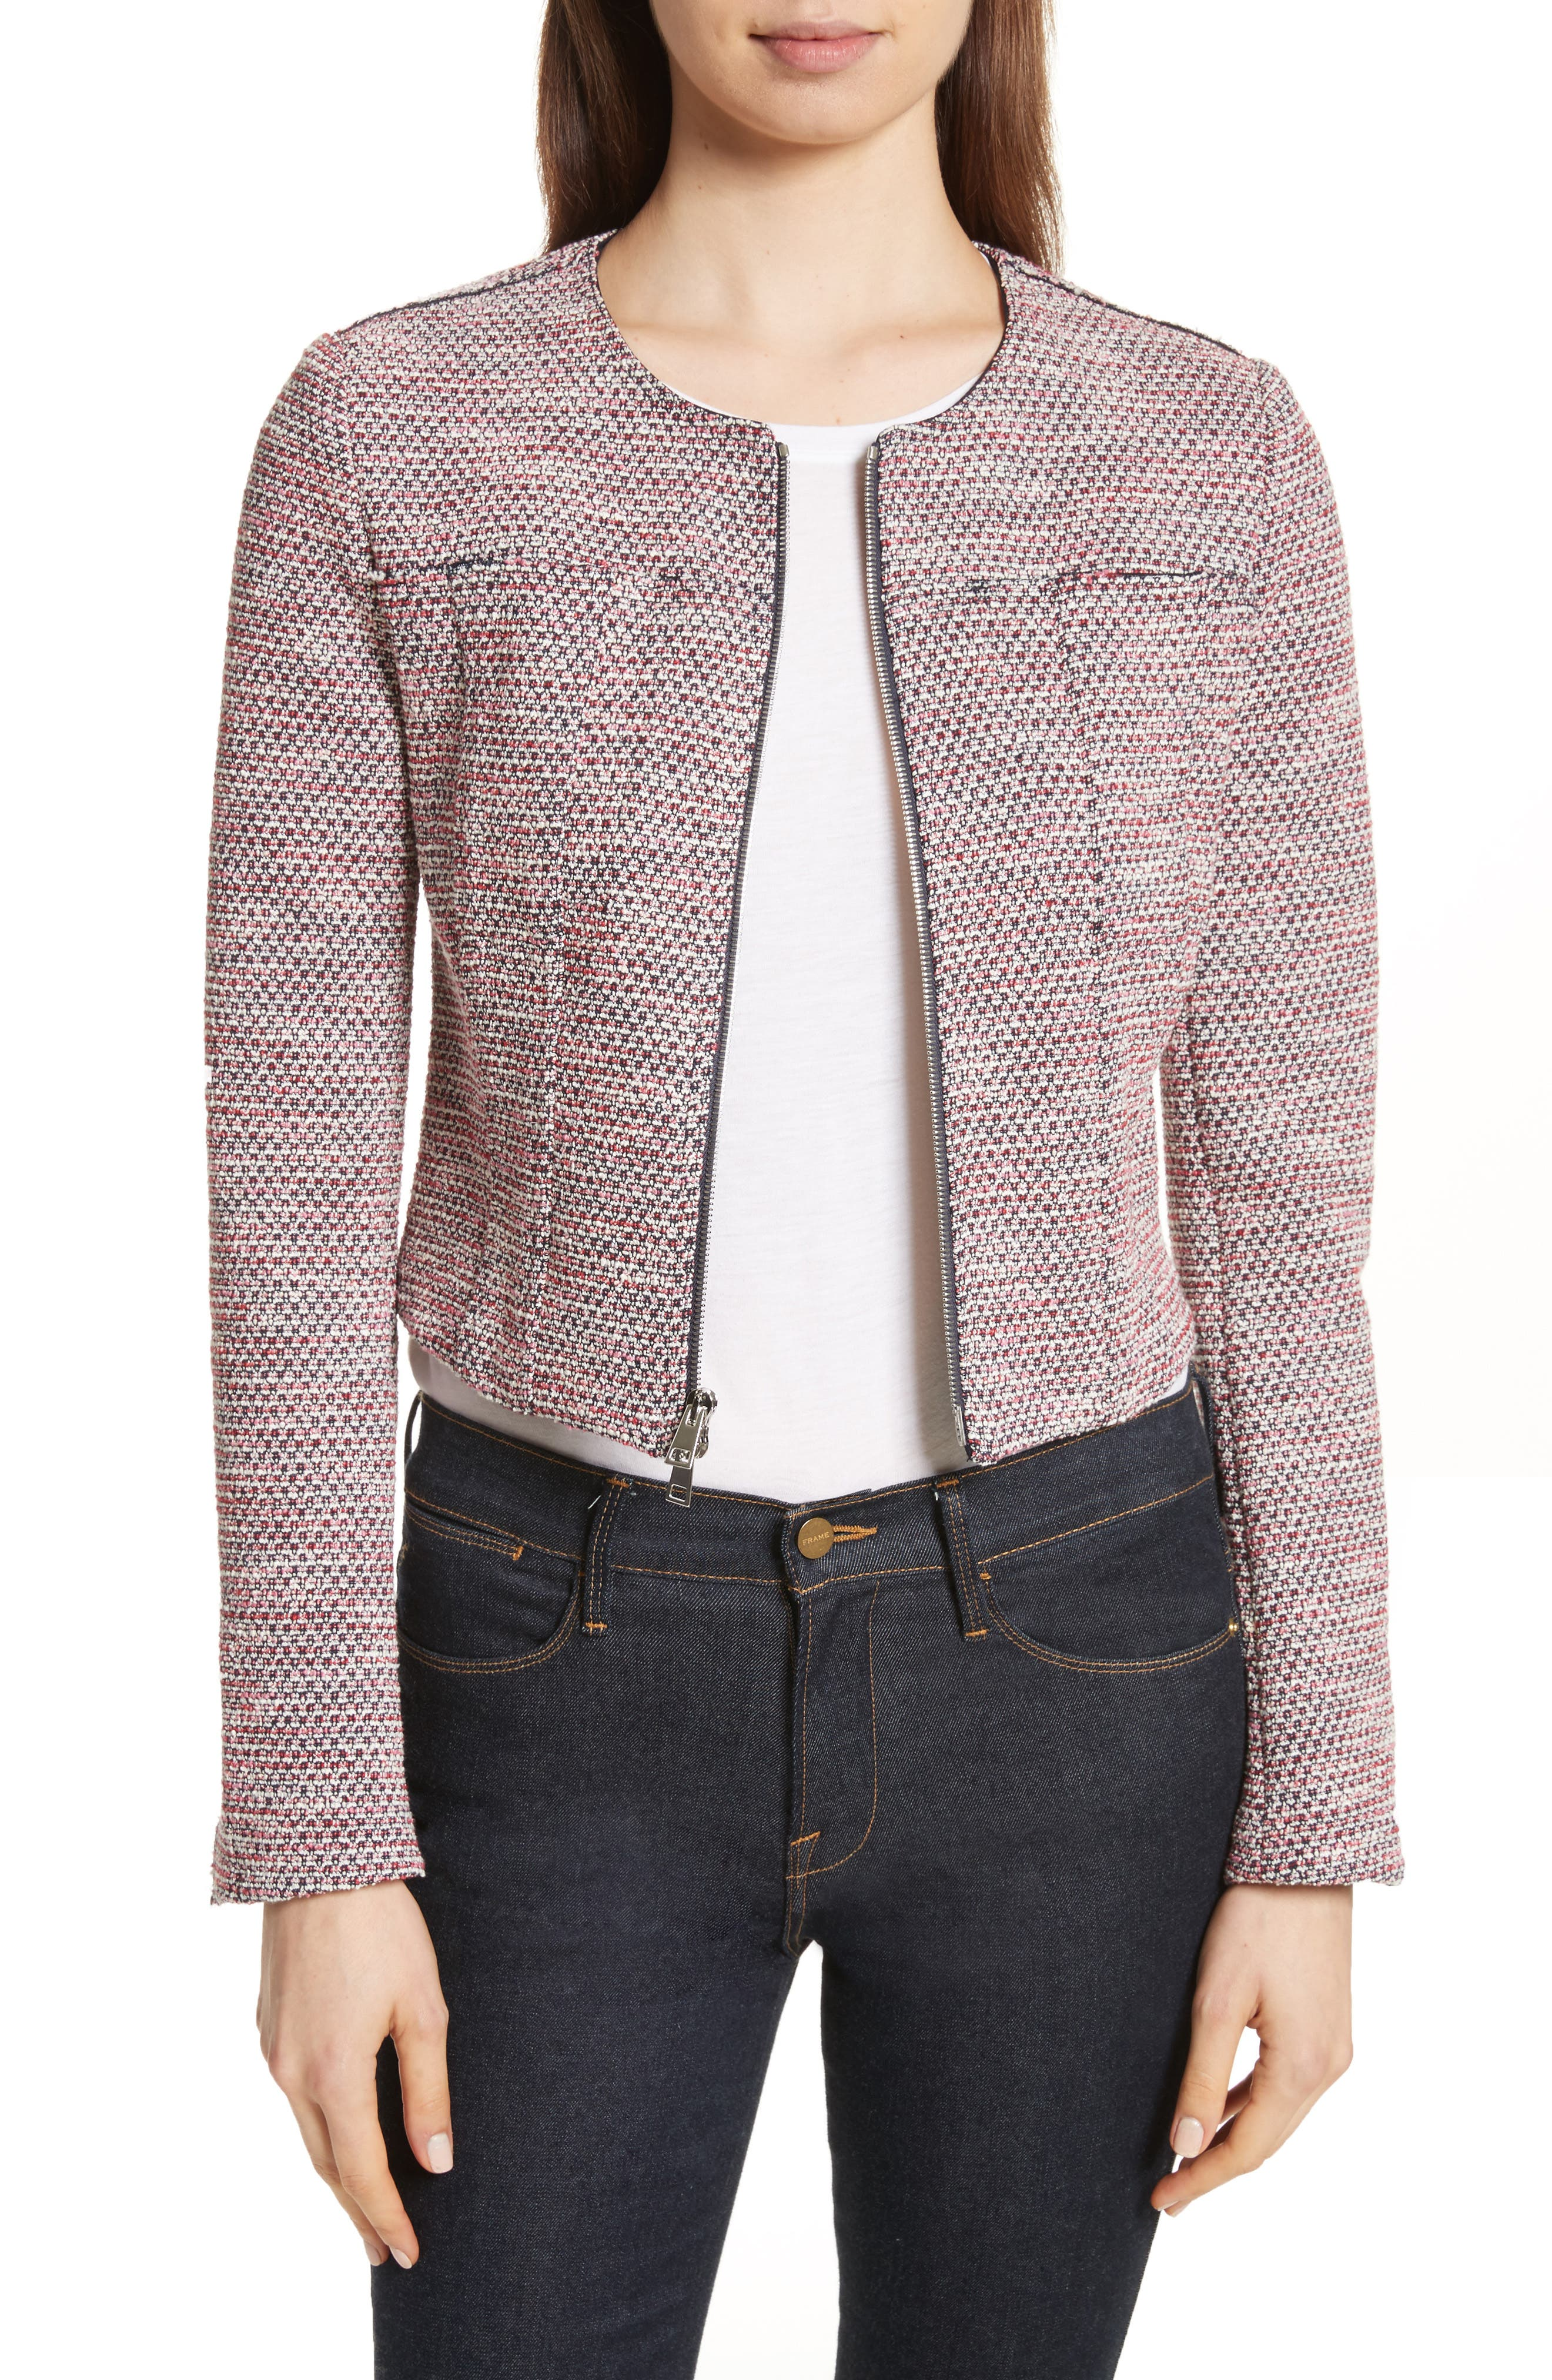 Main Image - Theory Ualana Z Beacon Tweed Jacket